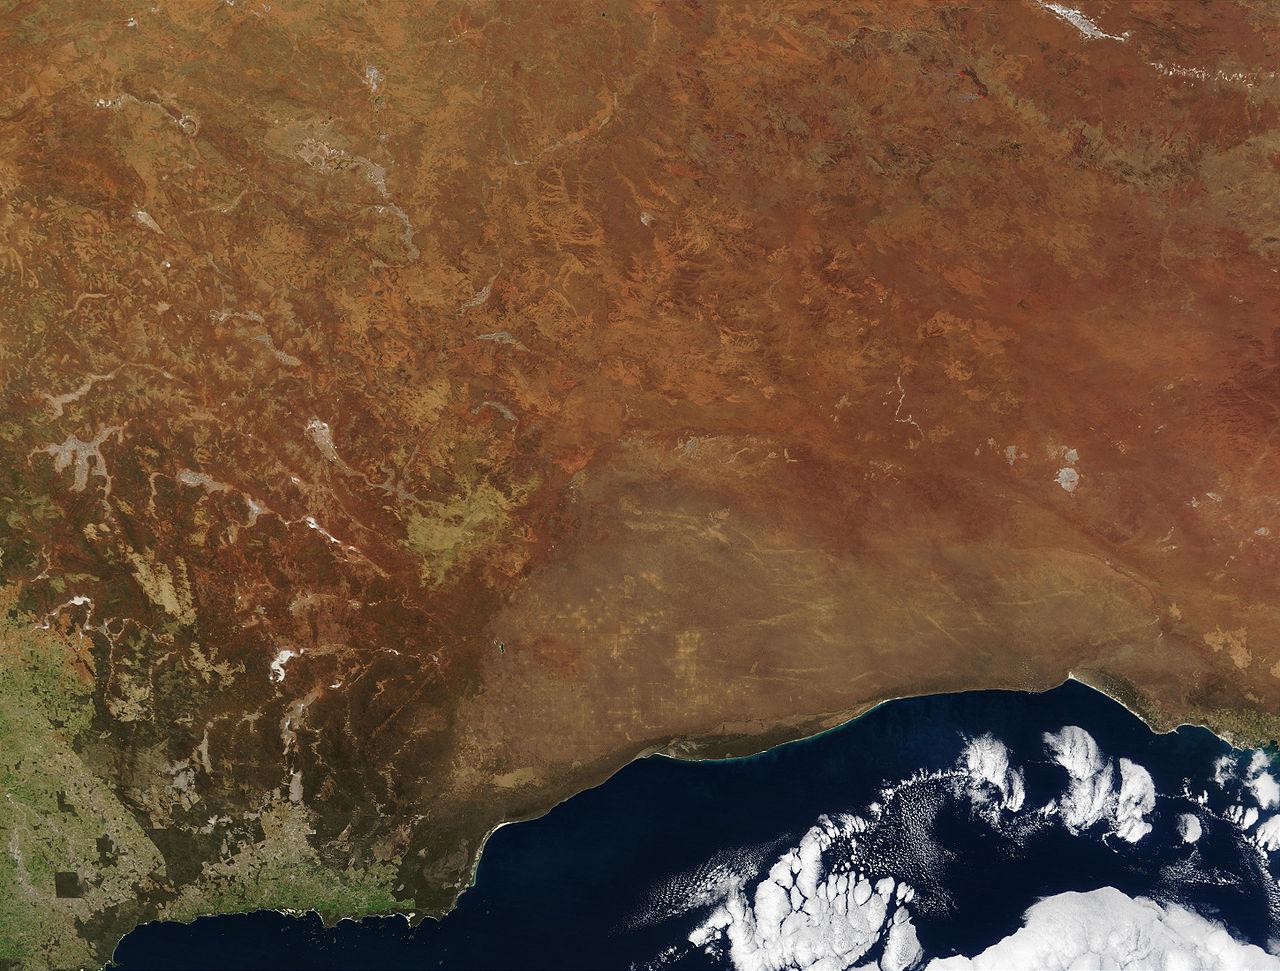 Une vue par satellite du désert de Nullarbor au sud de l'Australie. Il n'y a ni végétation ni eau, ni vie...